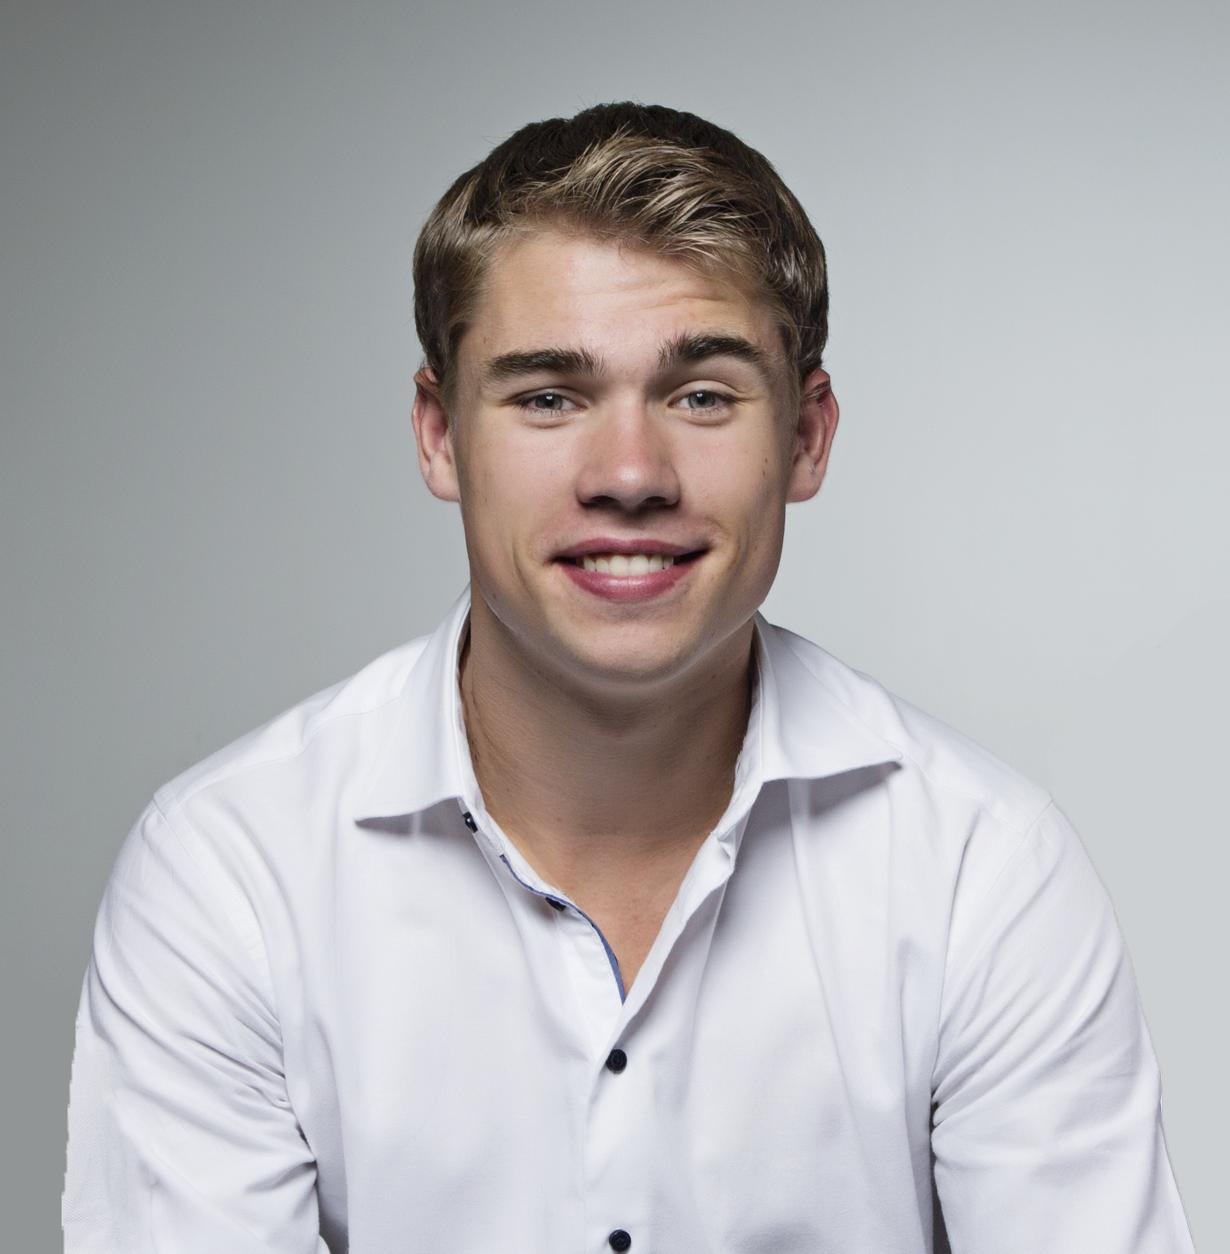 Sebastian former student at ISL